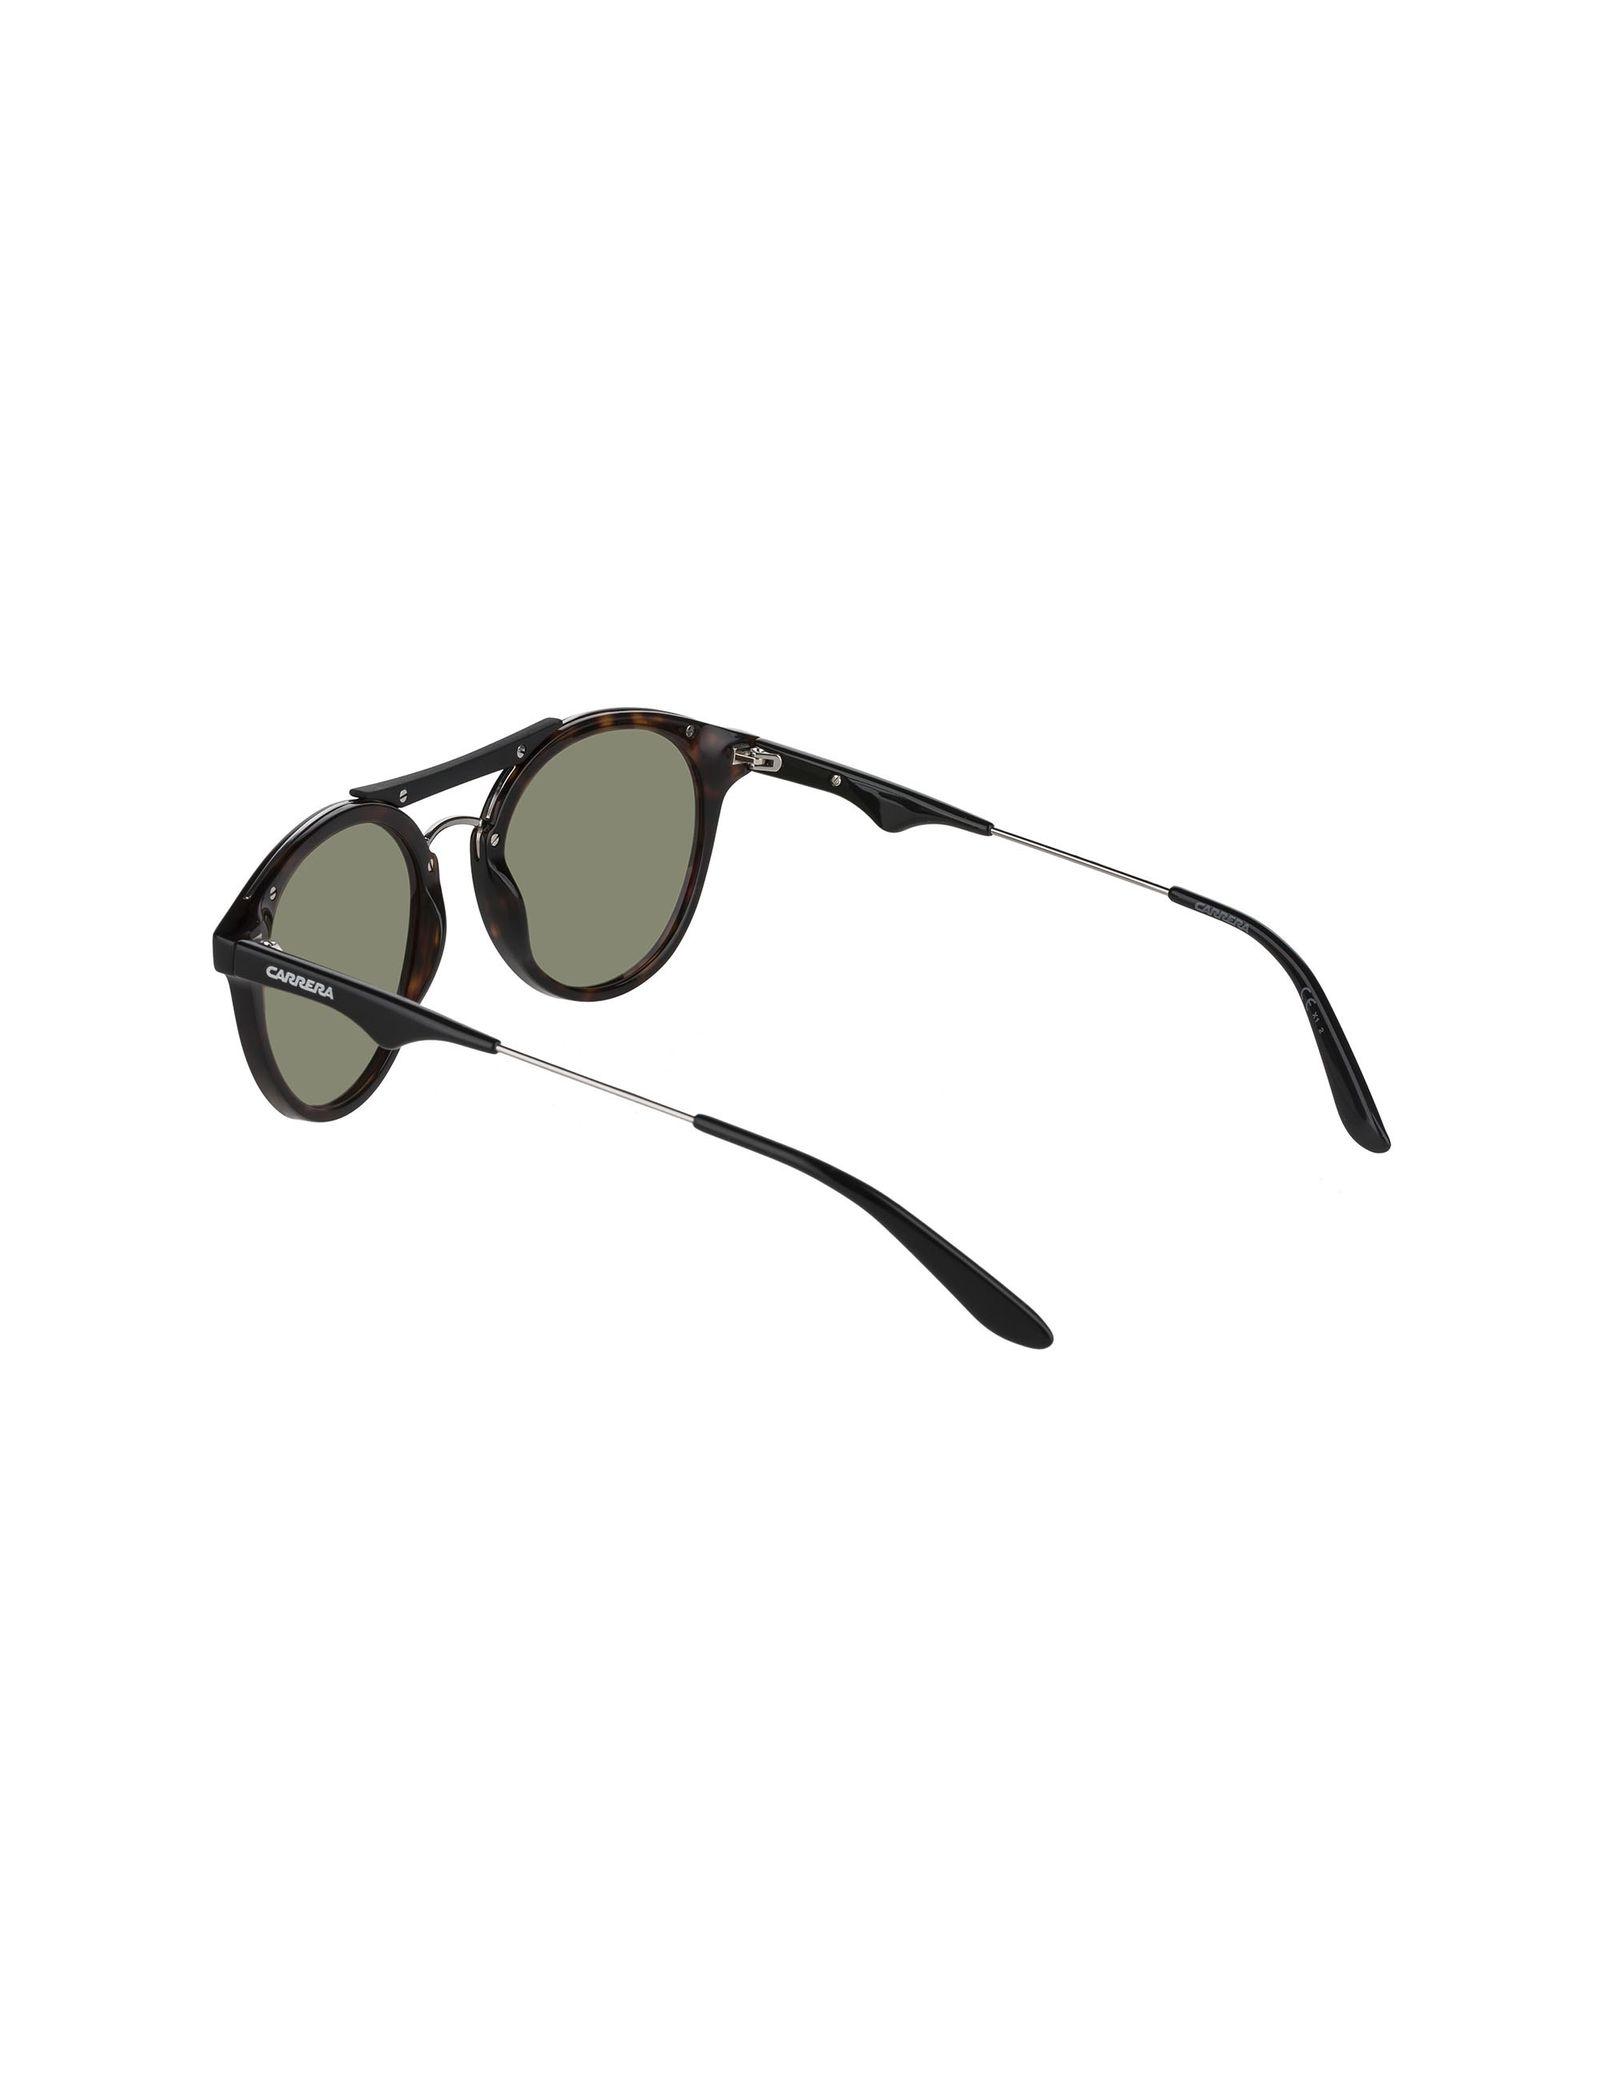 عینک آفتابی پنتوس بزرگسال - کاررا - قهوه اي لاک پشتي - 4